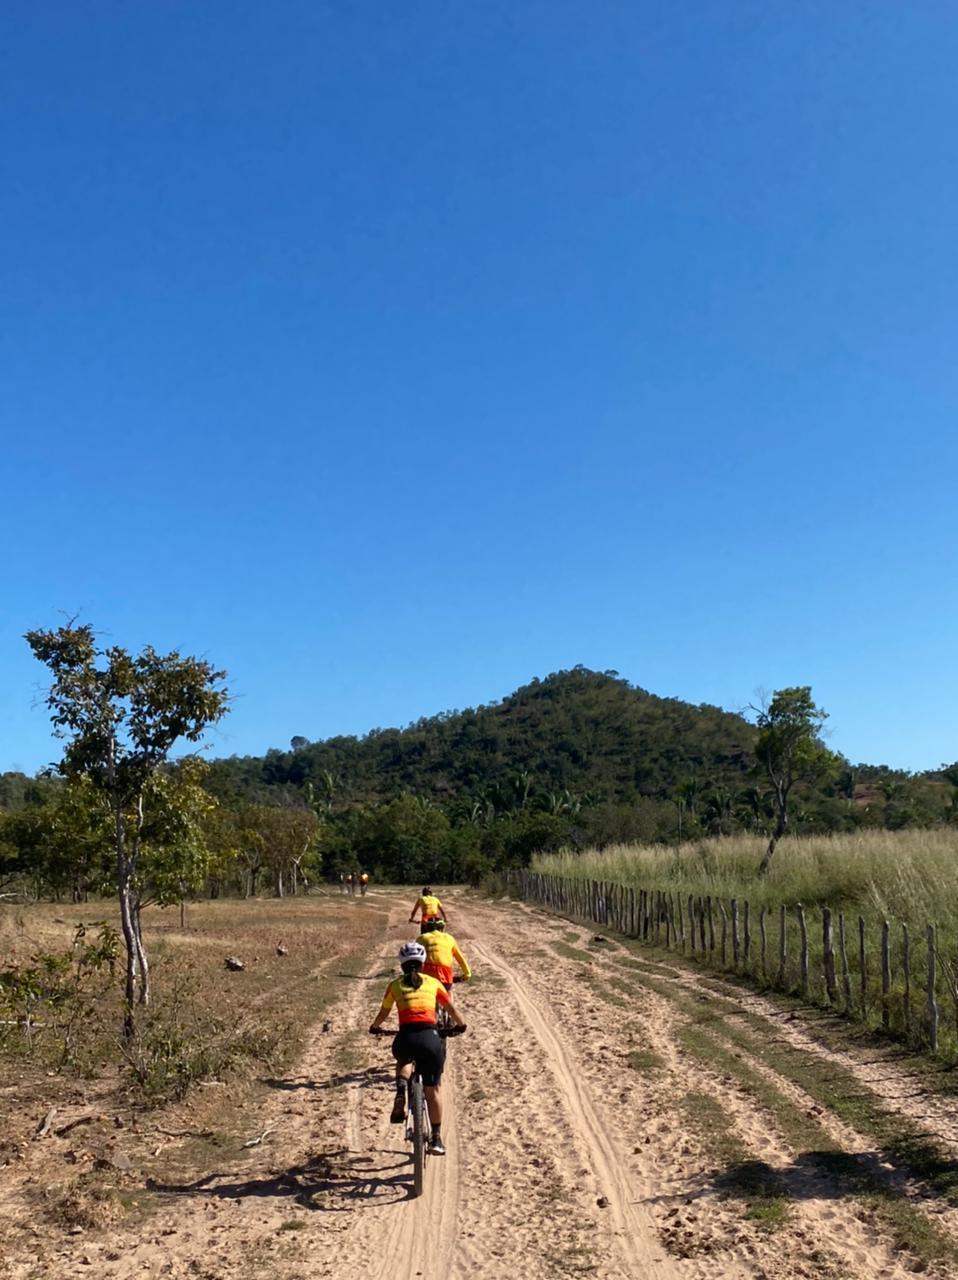 Um domingo sobre Bike em Monsenhor Gil com destino ao Poço Azul - Imagem 2